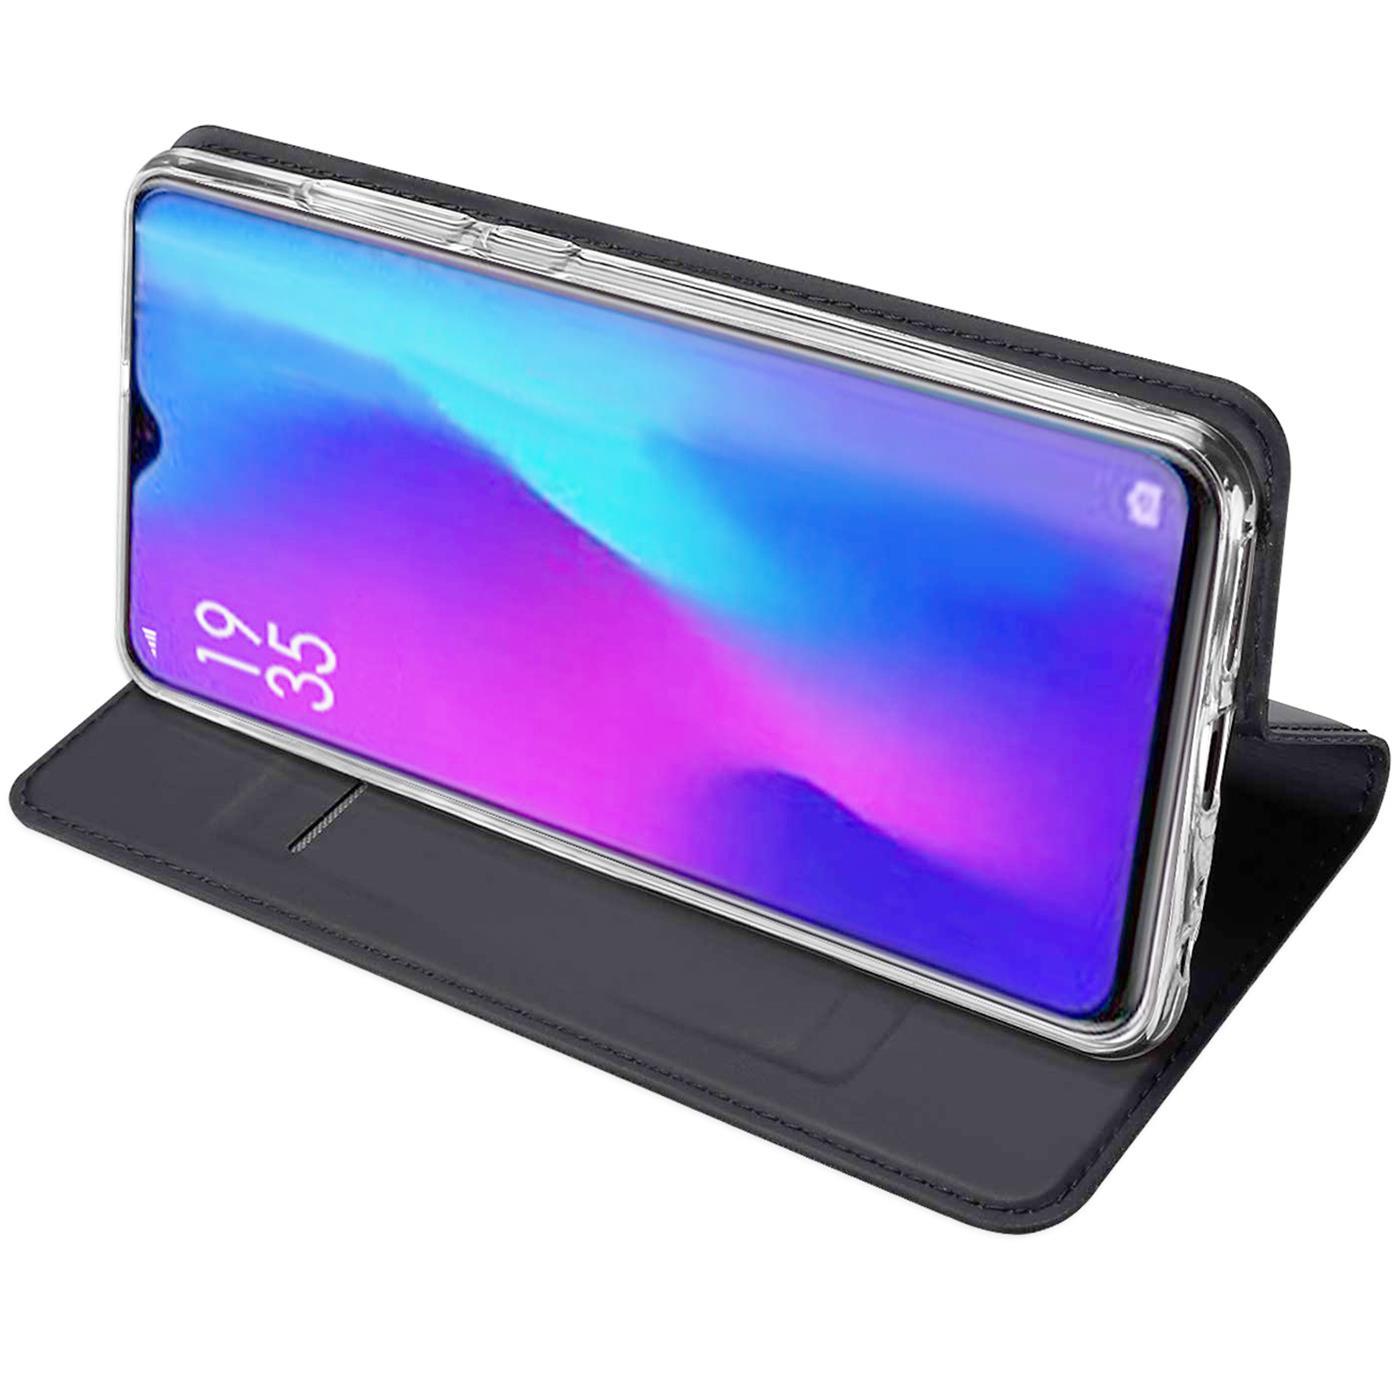 Huawei-P30-Lite-Schutz-Huelle-Handy-Tasche-Flip-Case-Book-Cover-Case-Etui-Bumper Indexbild 14